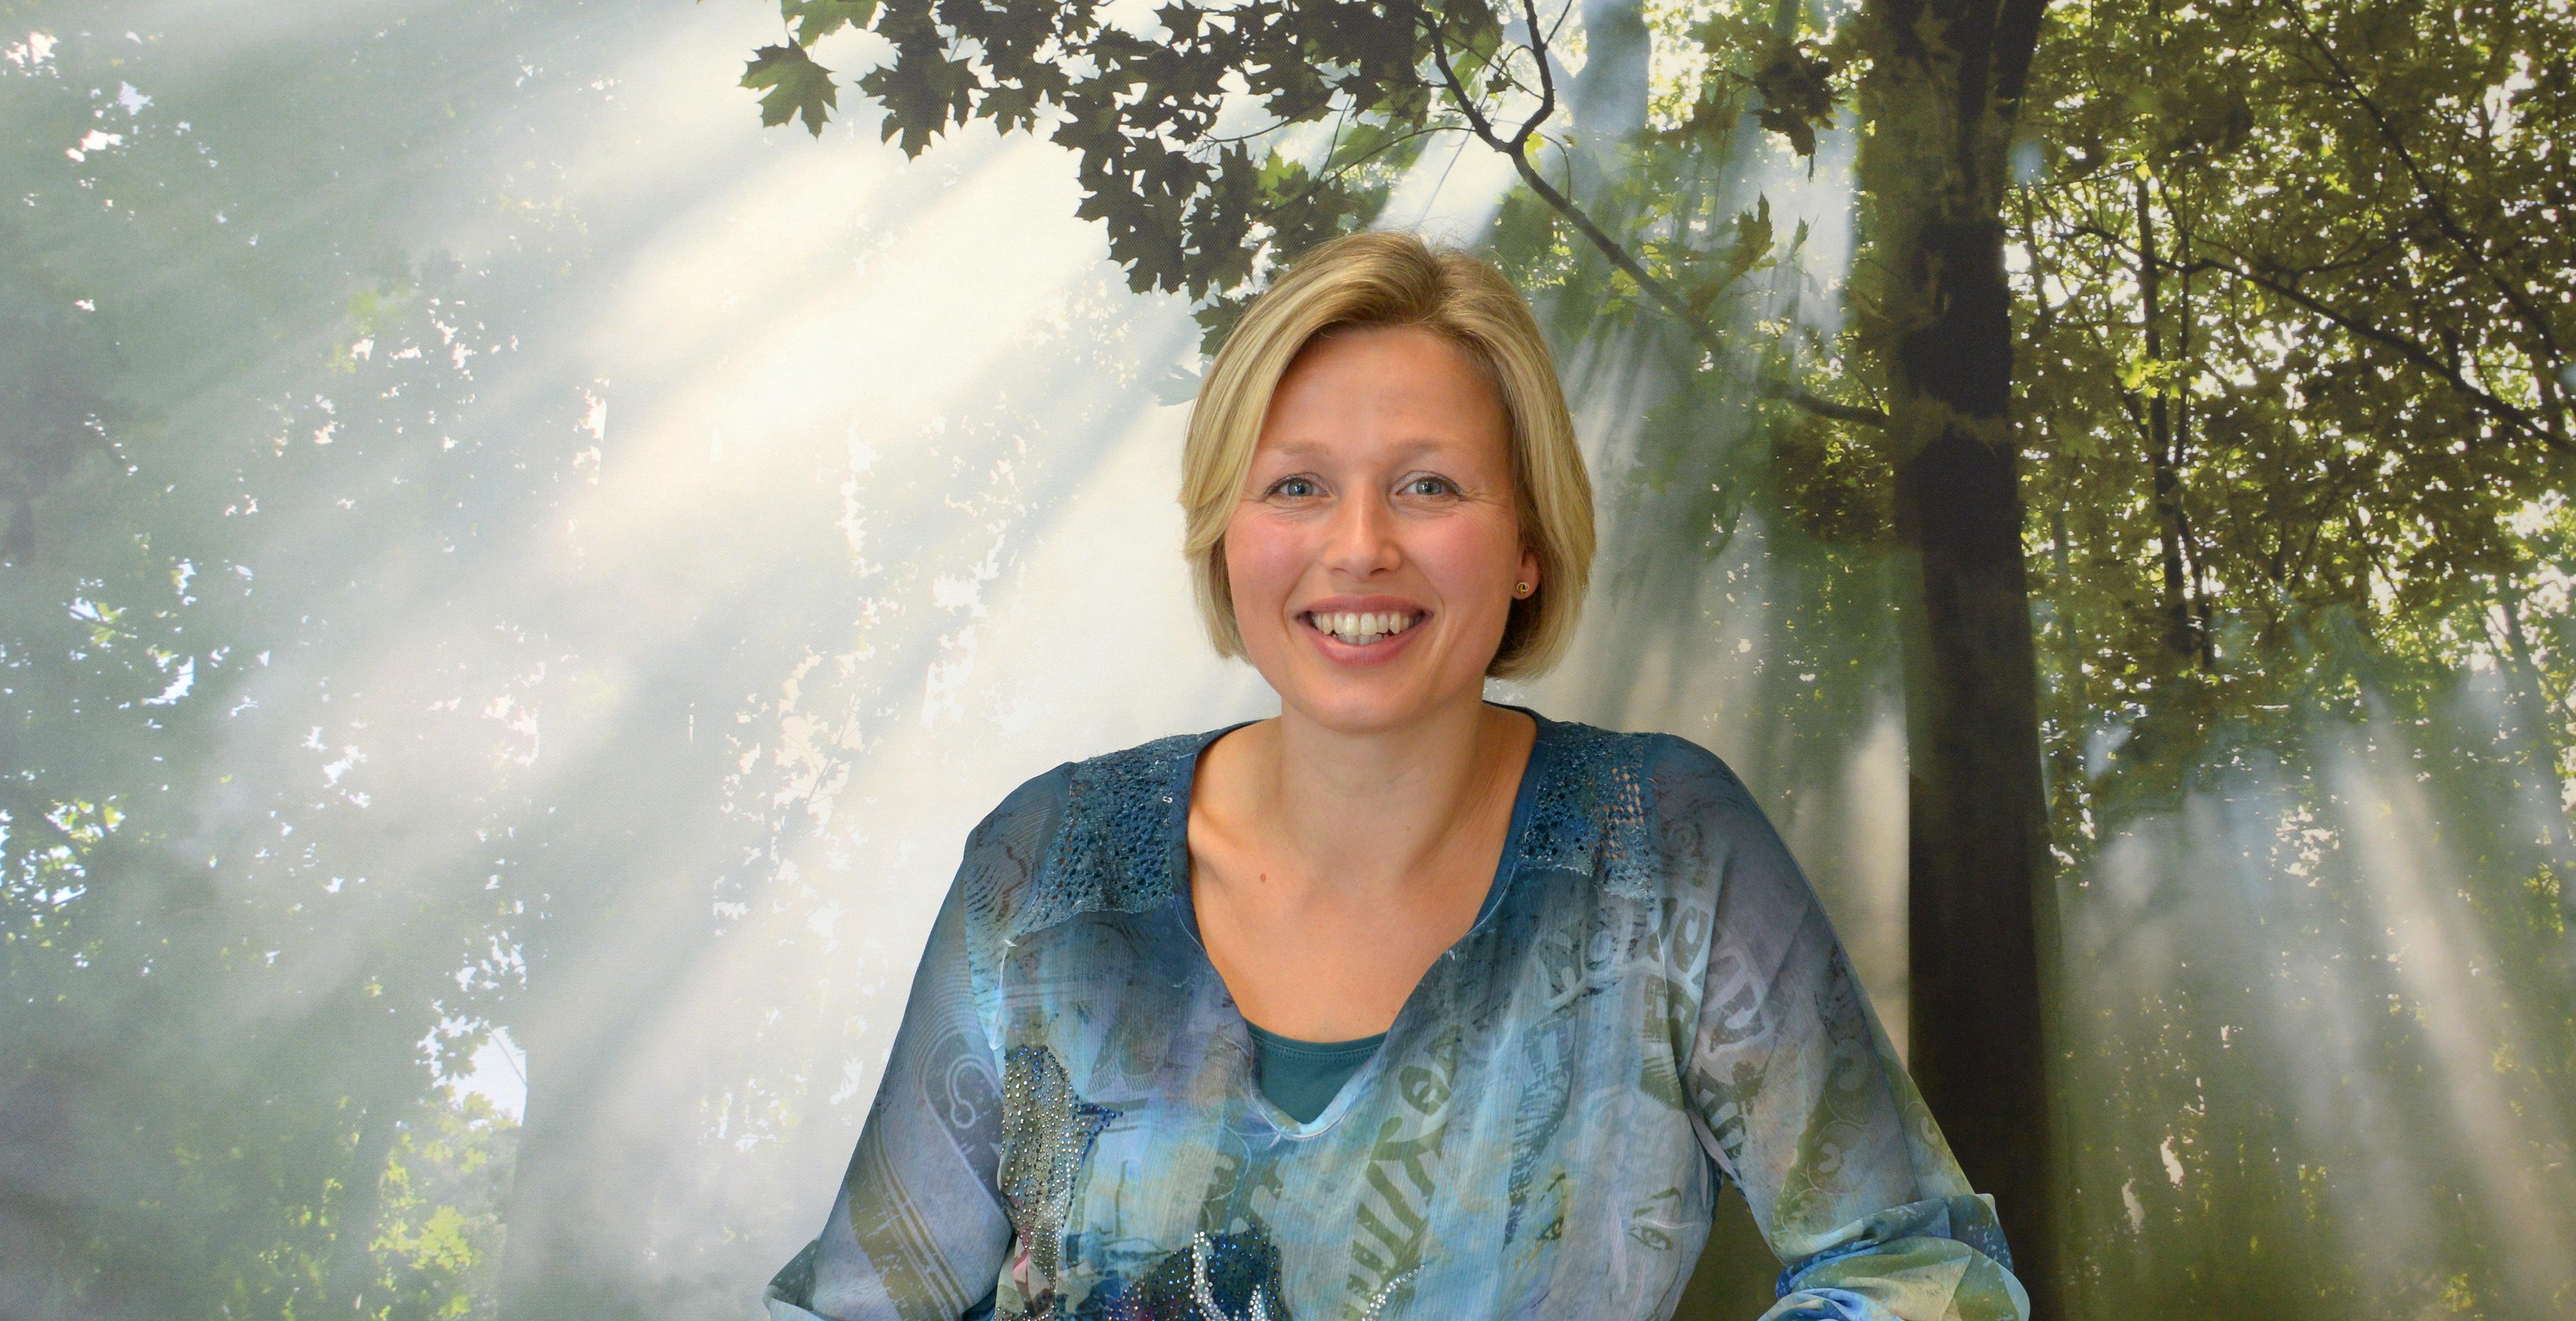 Paula Roosjen LichamelijkerWijs Zwolle